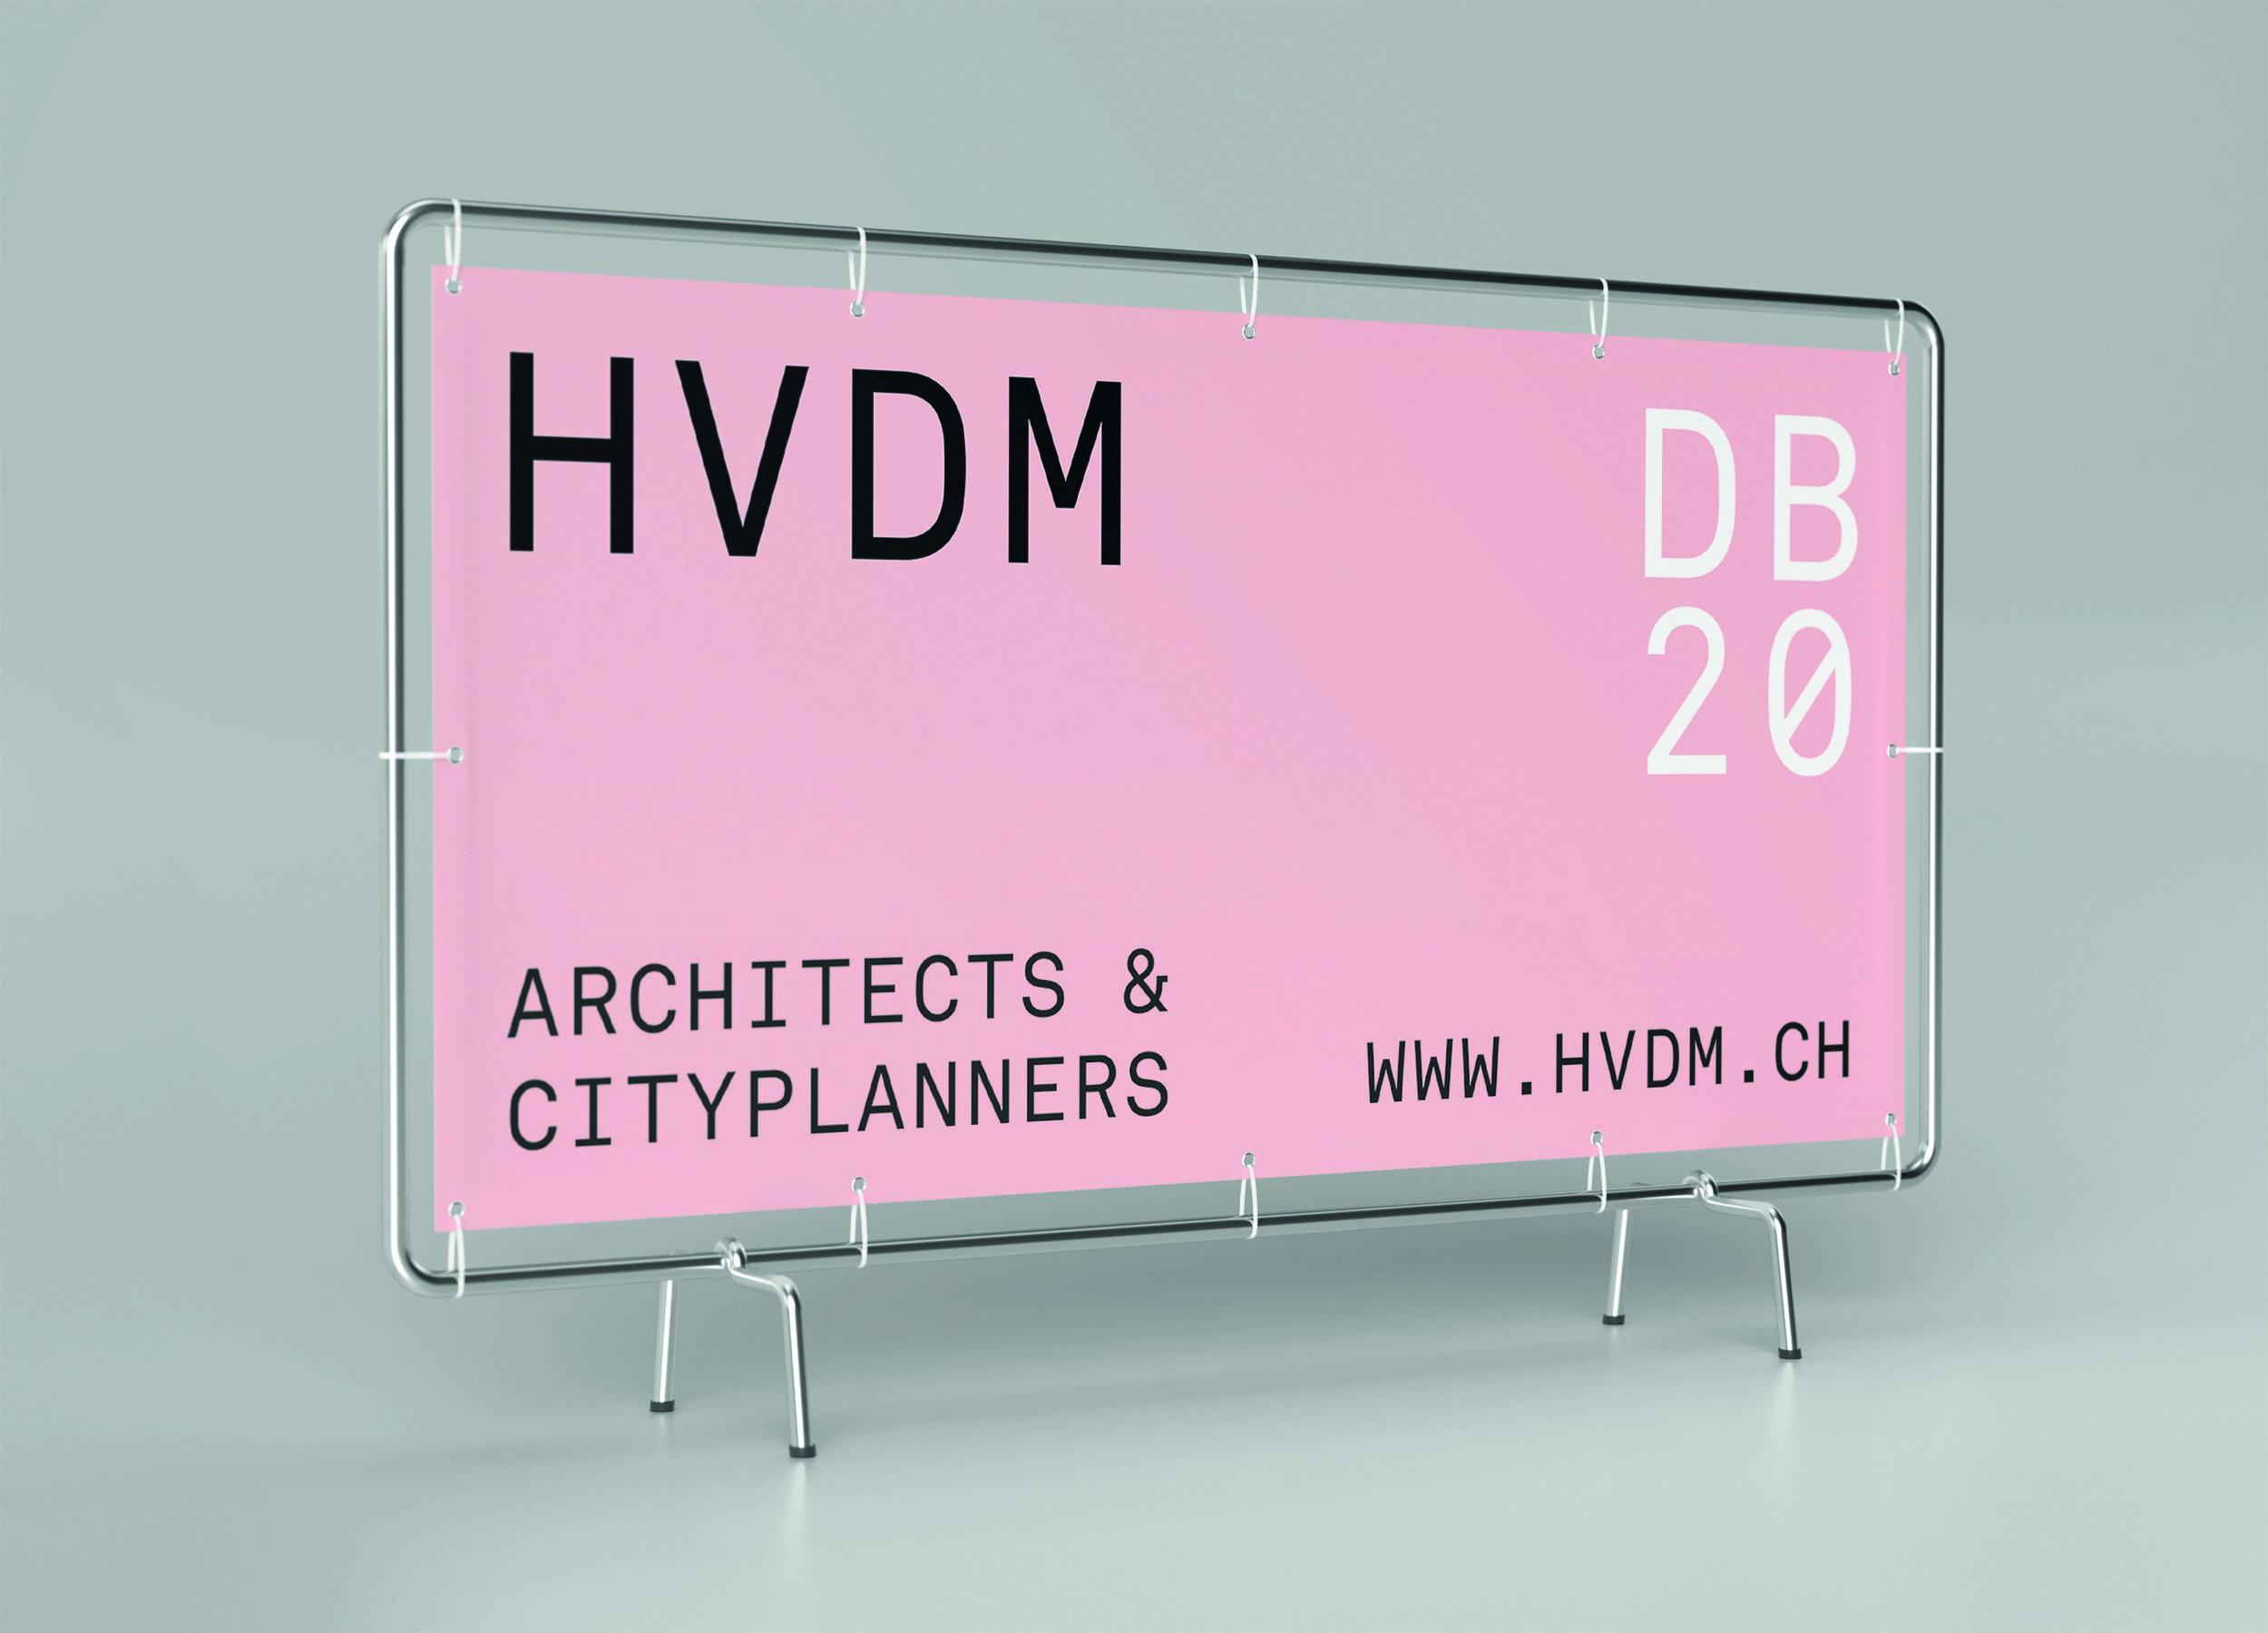 HVDM – Baustellenblachen | 2017